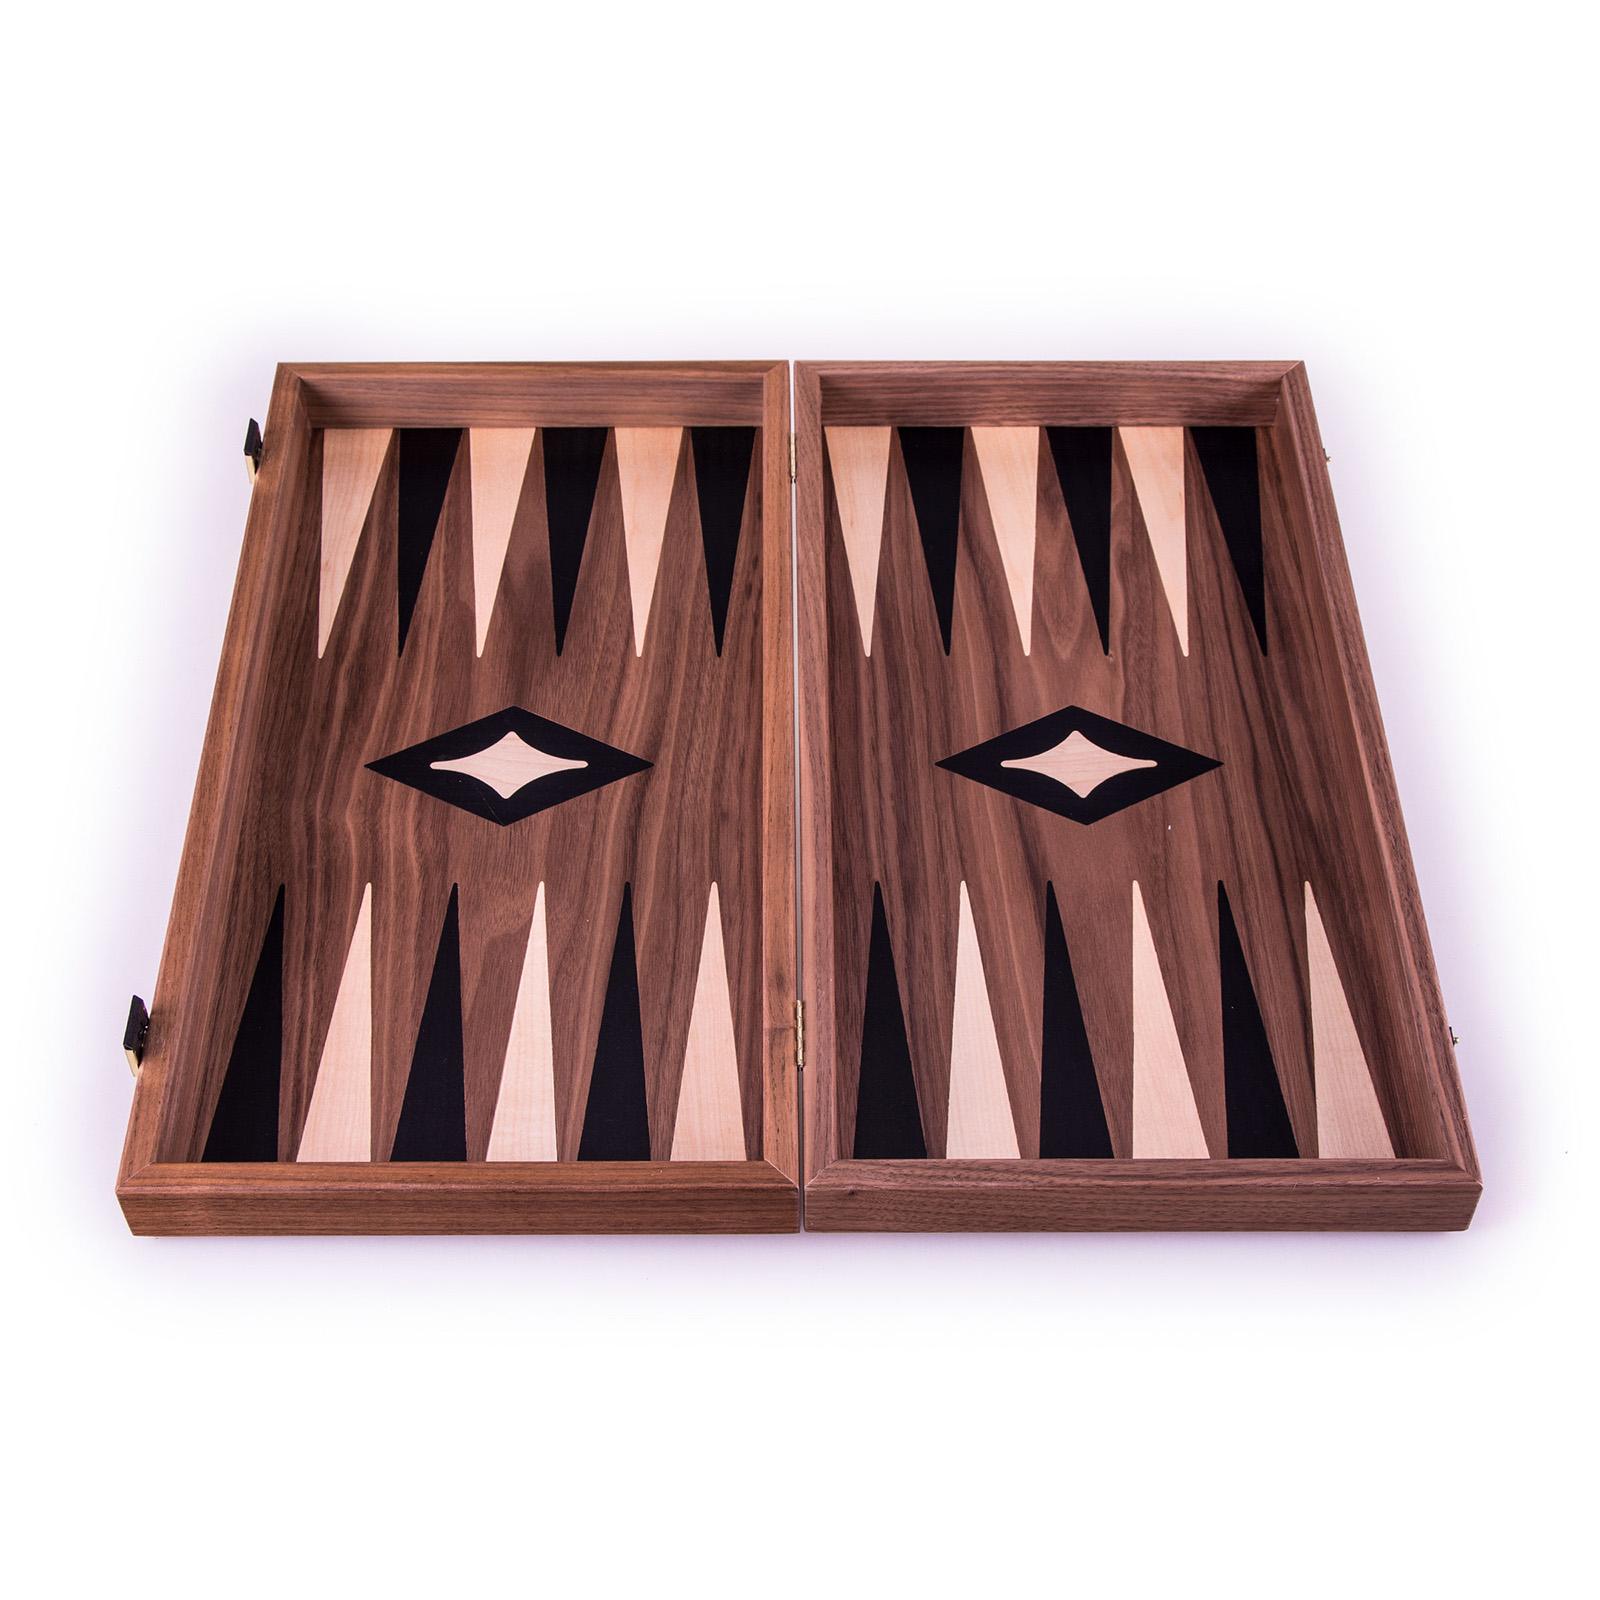 Backgammon-Set aus Walnuss aus Griechenland, handgefertigt 30x17 cm